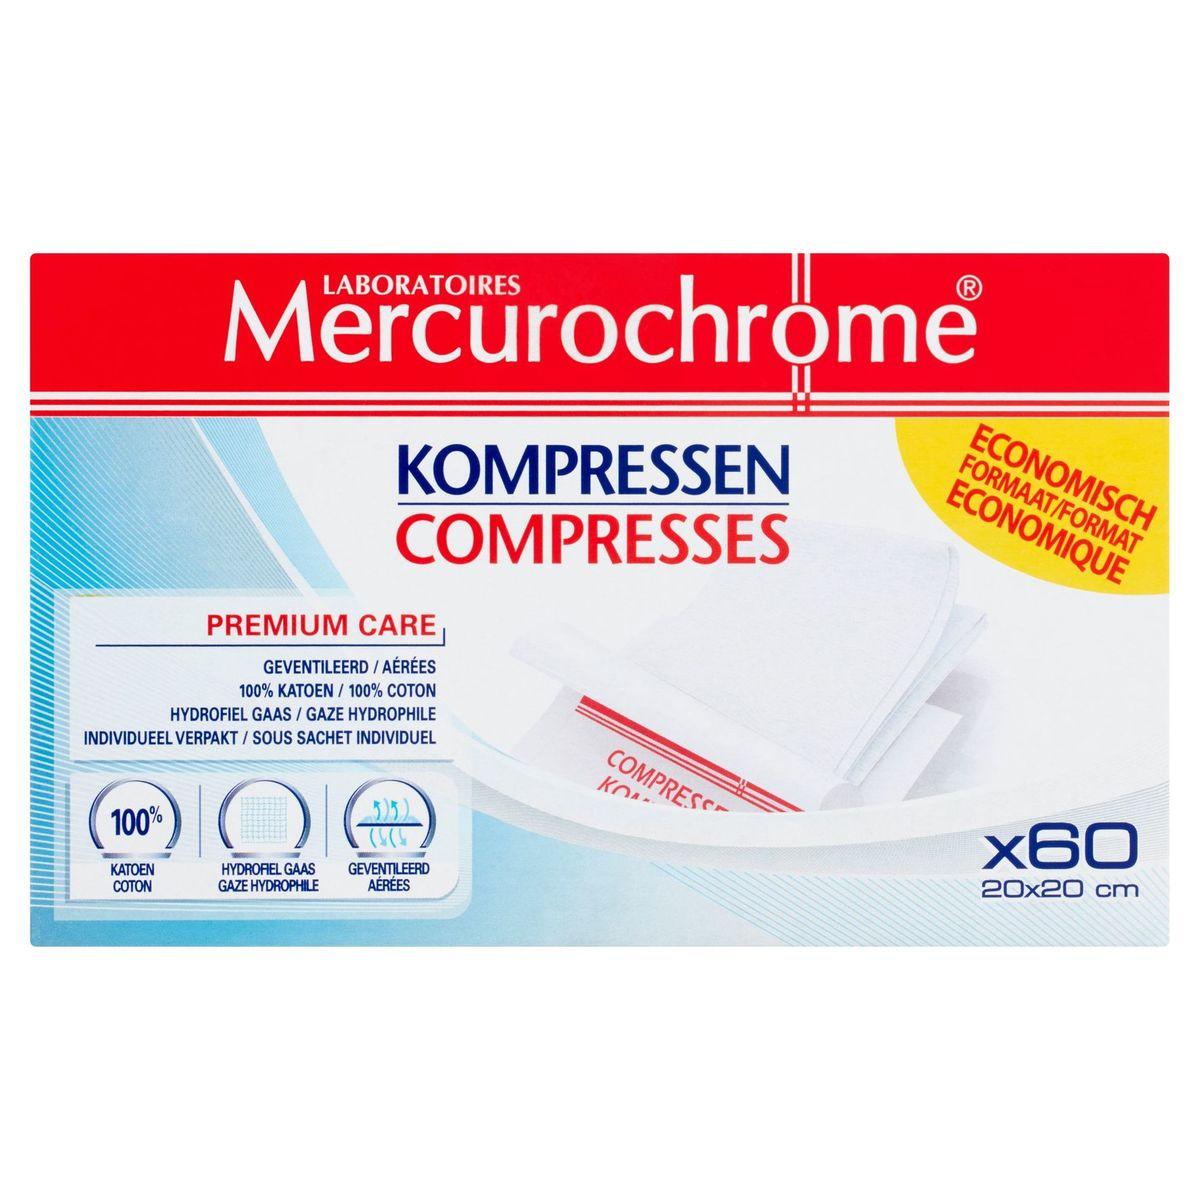 Laboratoires Mercurochrome Compresses 60 Pièces